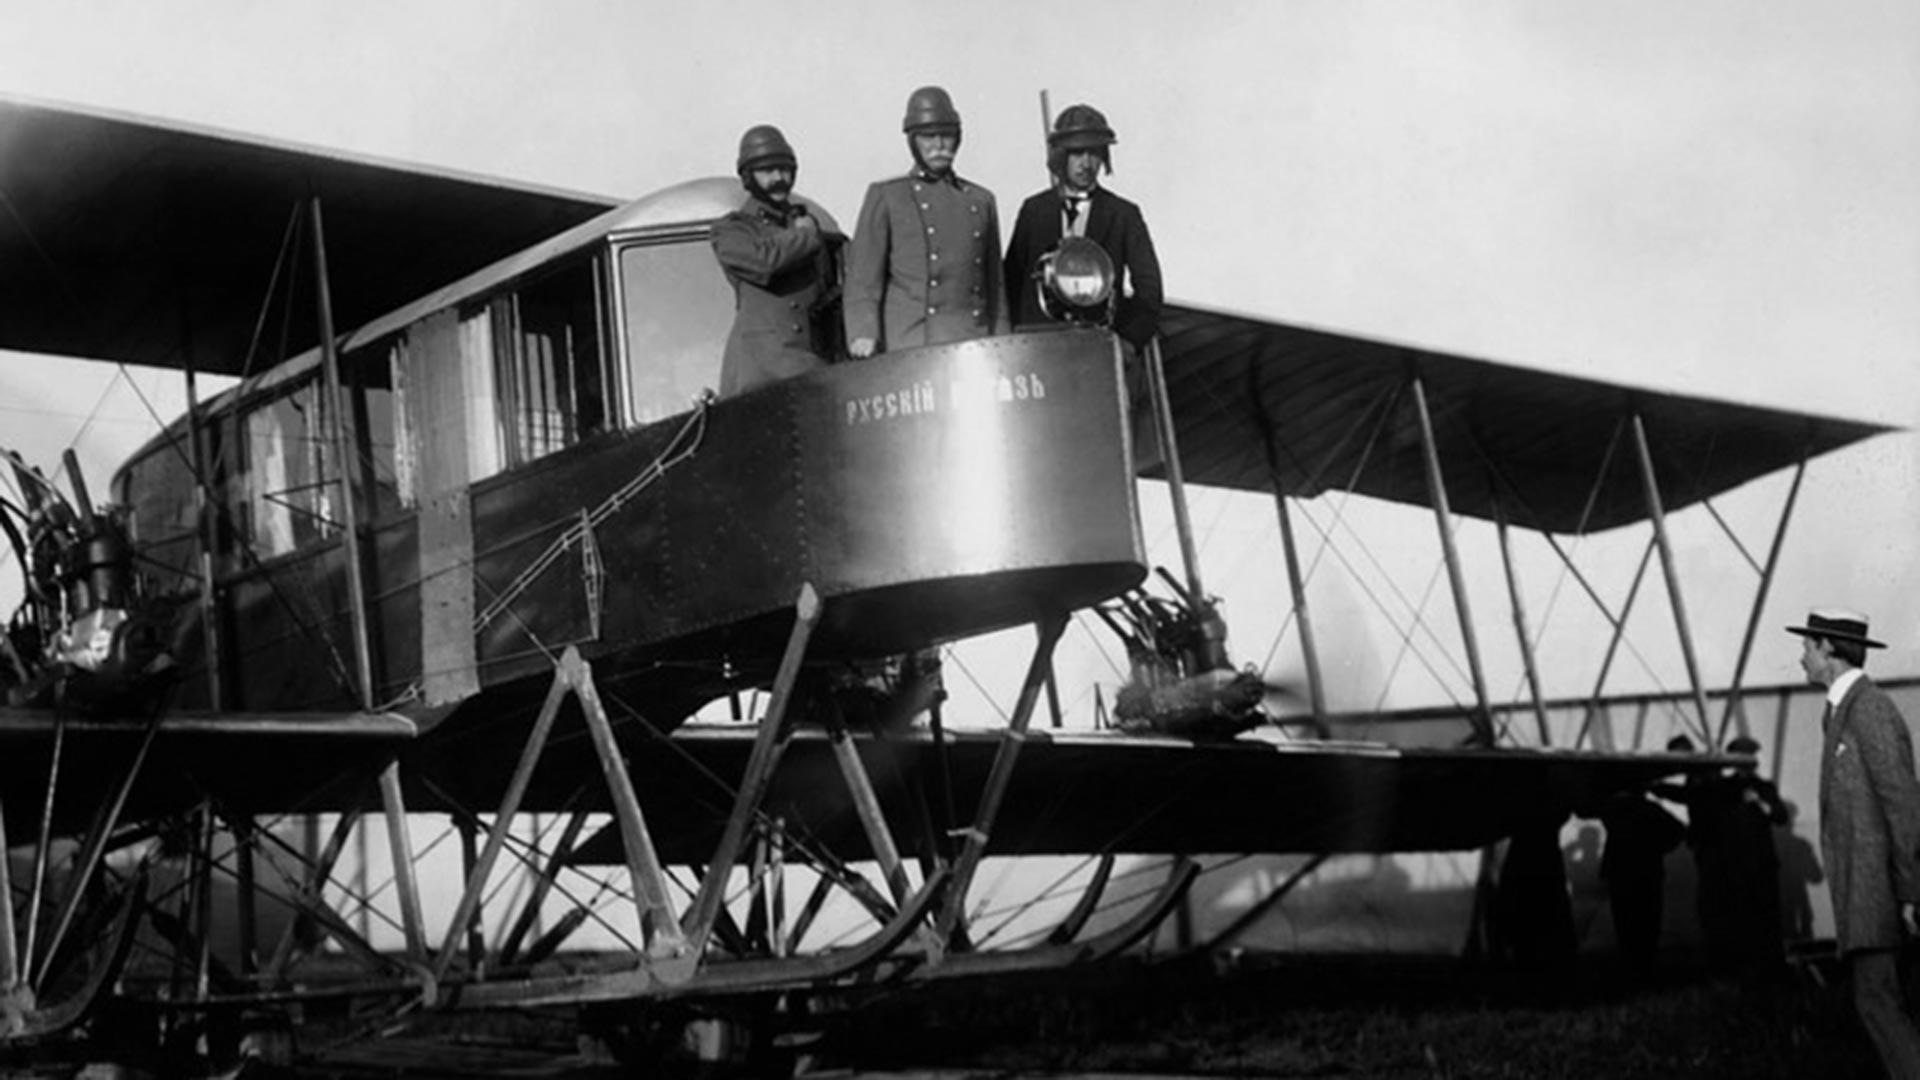 Авиаконструктор Игорь Сикорский (крайний справа) и генерал-лейтенант Н. В. Каульбарс (в центре) на борту первого многомоторного самолета «Русский витязь».